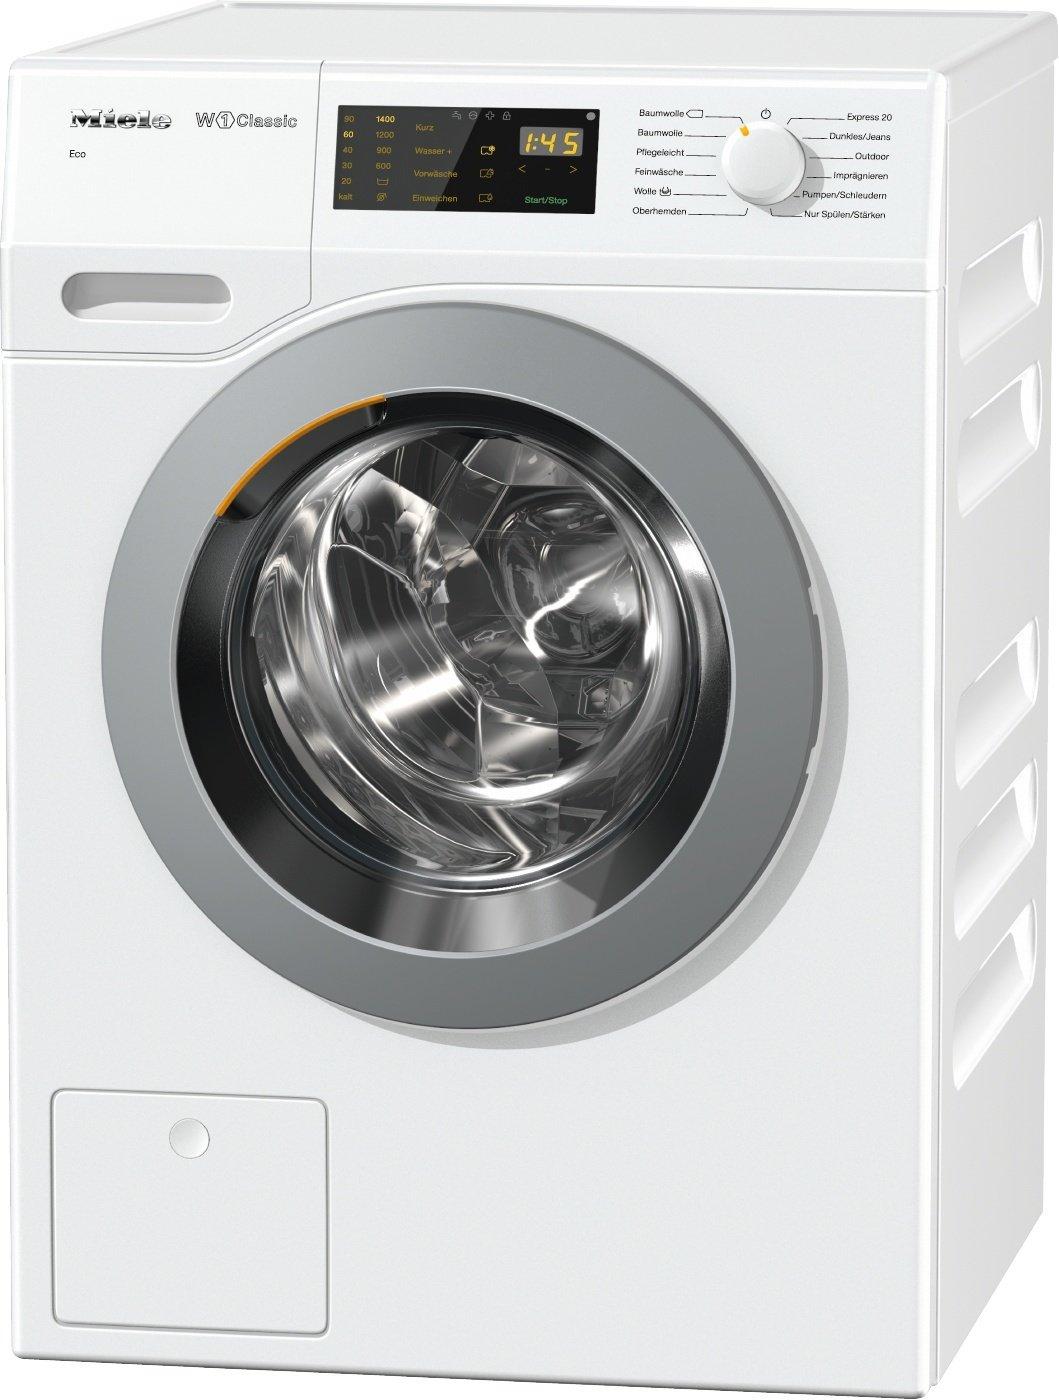 Miele Waschmaschine kaufen